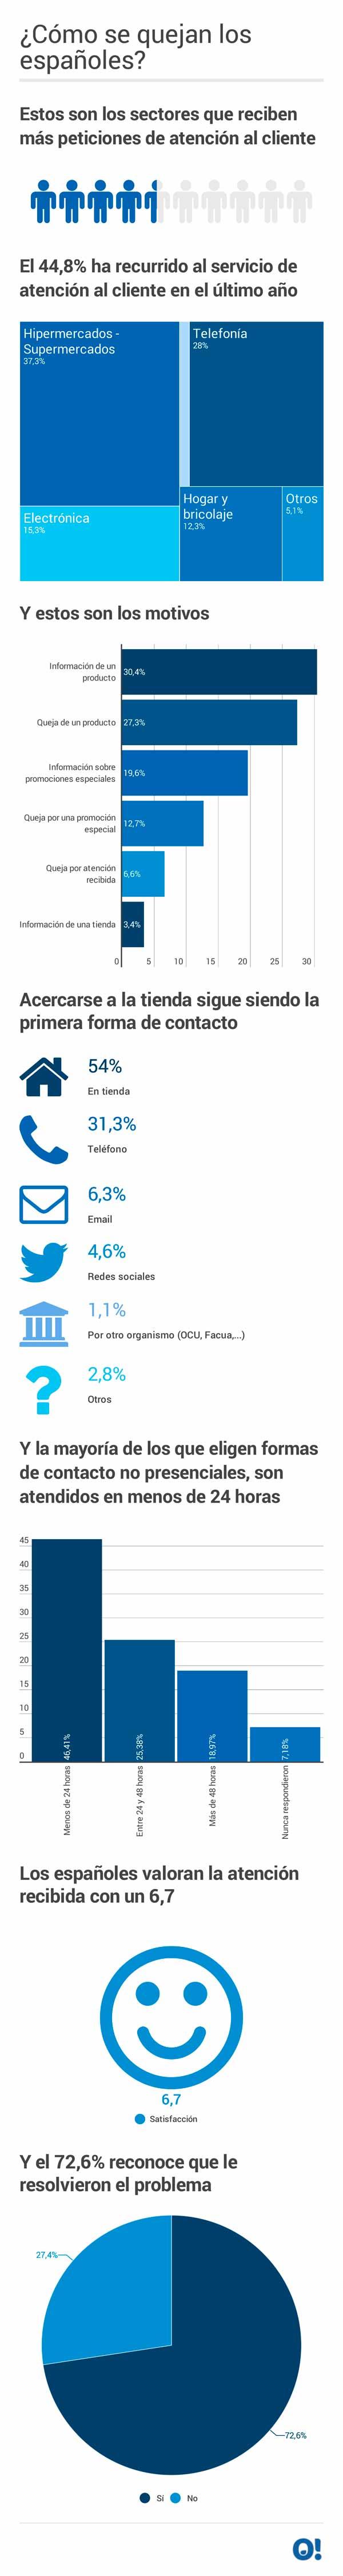 Infografia_Dia_de_los_derechos_del_consumidor